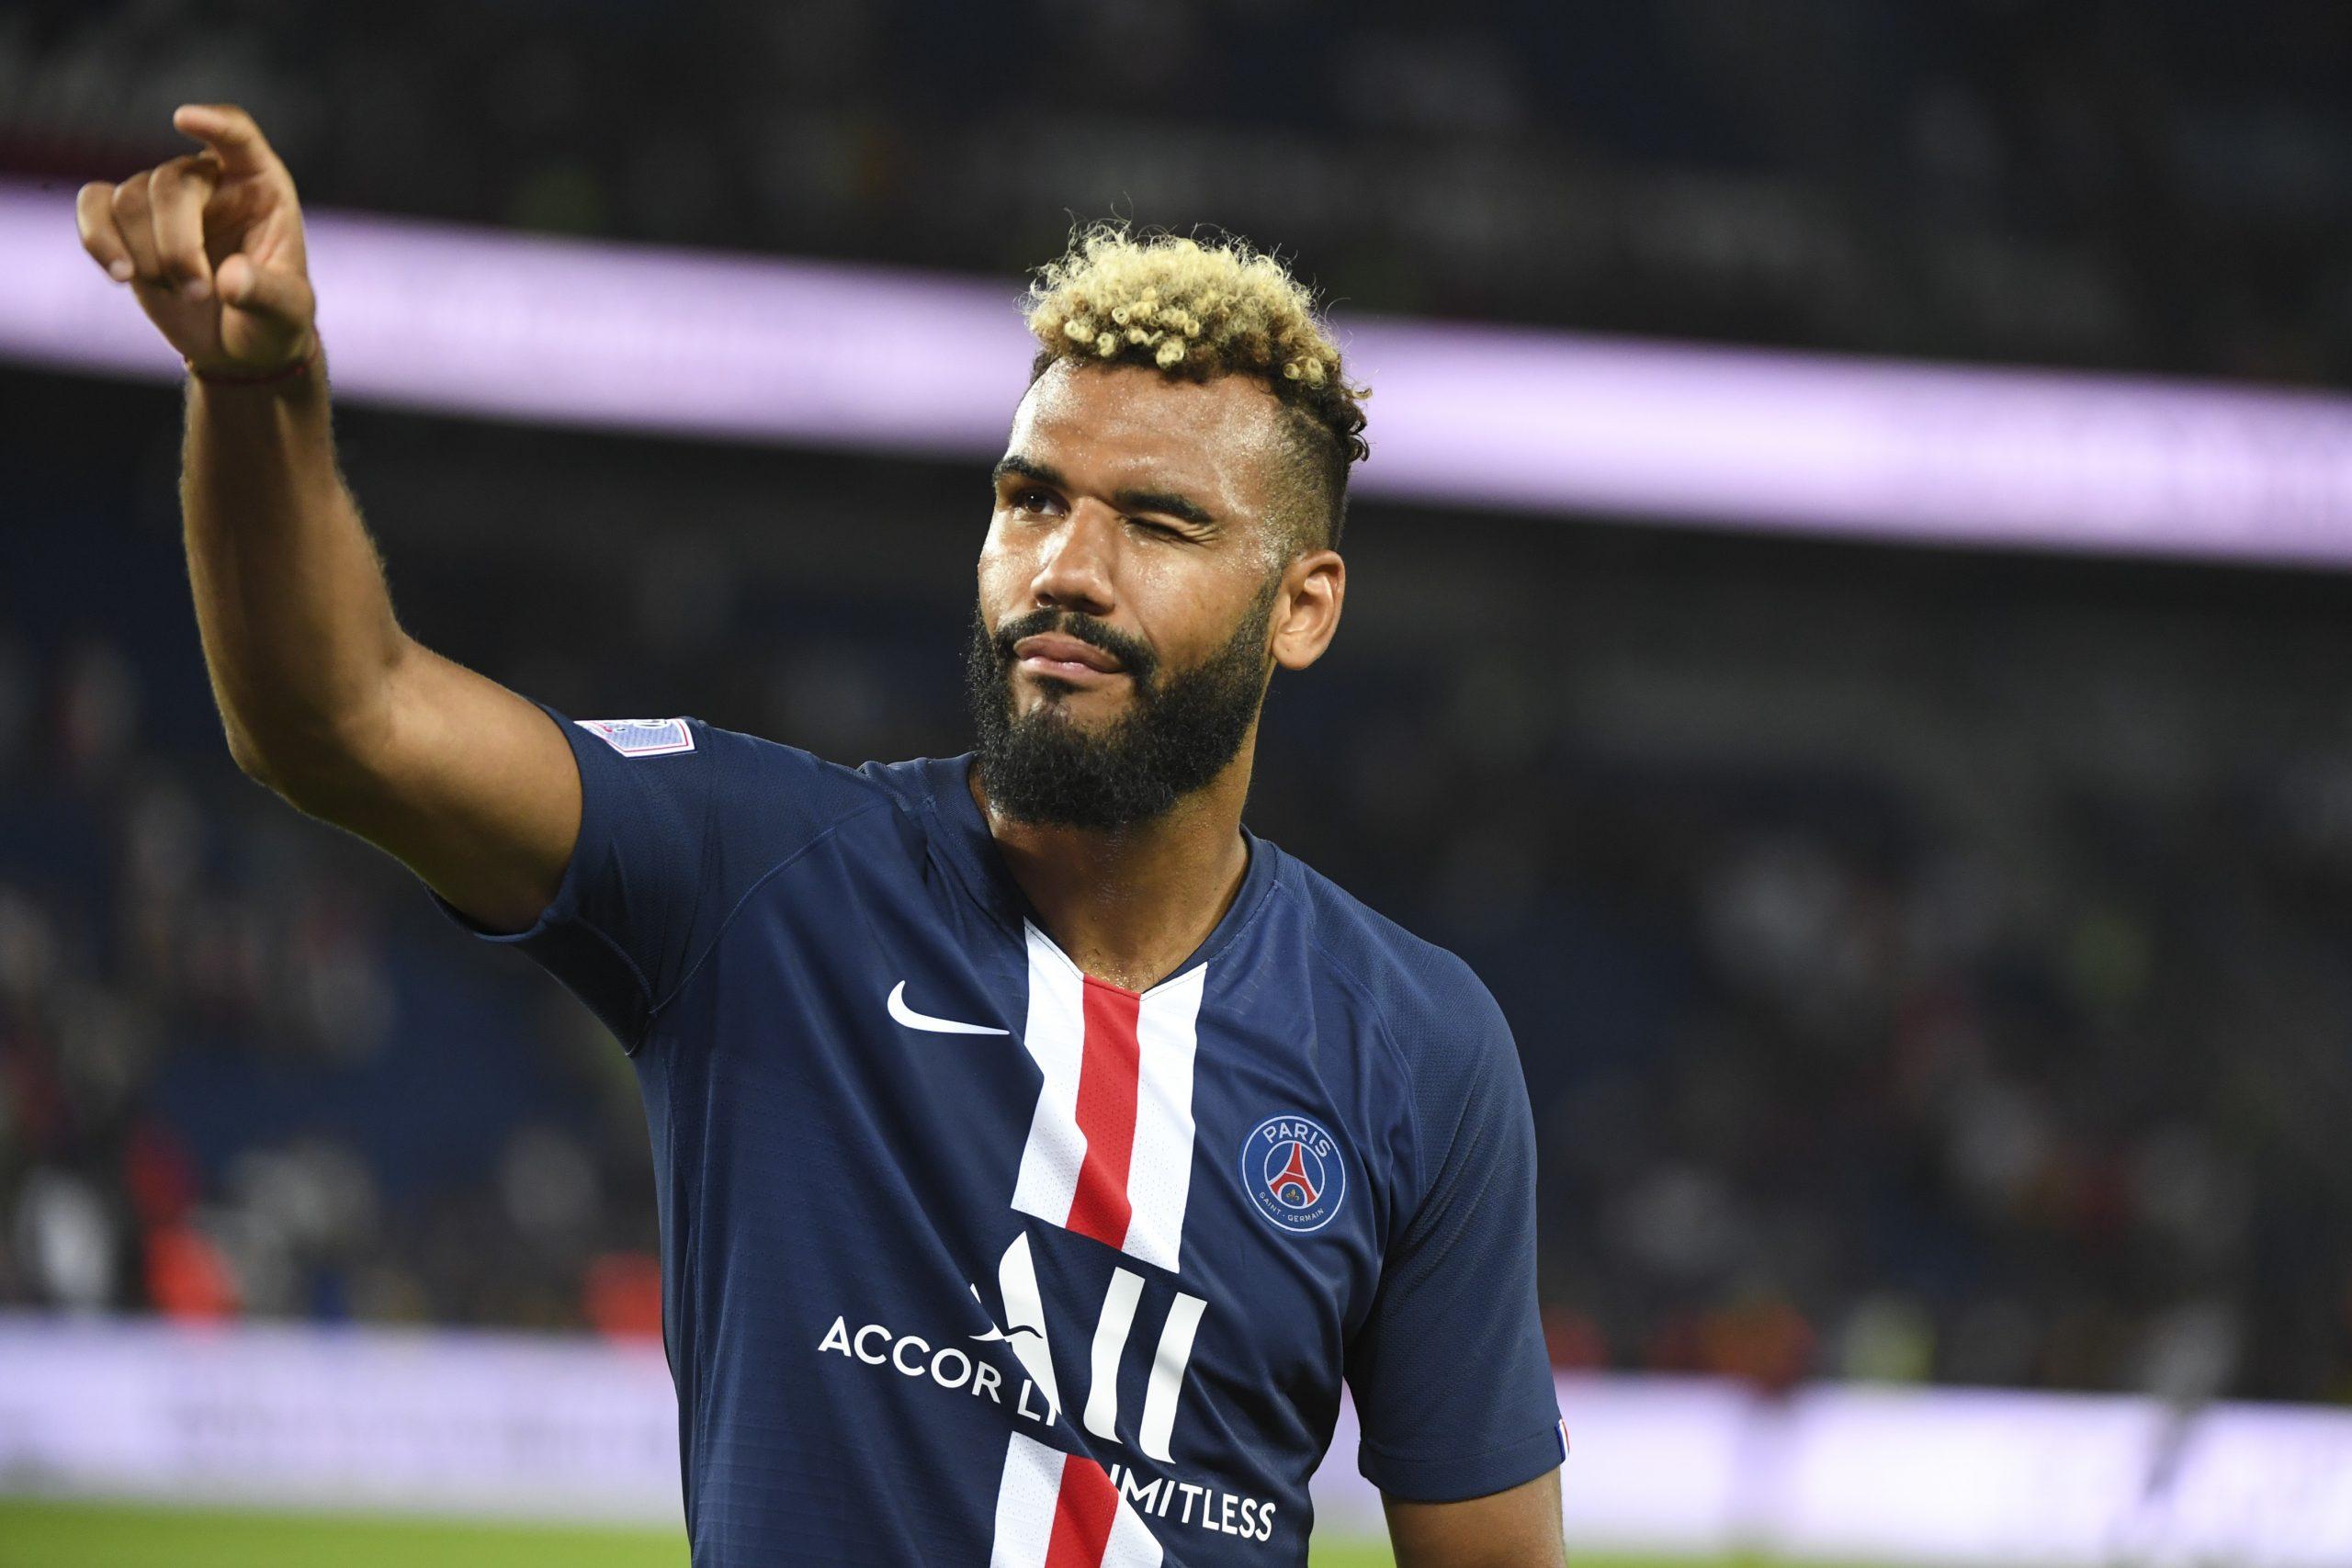 Mercato - Choupo-Moting ne va pas signer un nouveau contrat au PSG, confirme Goal